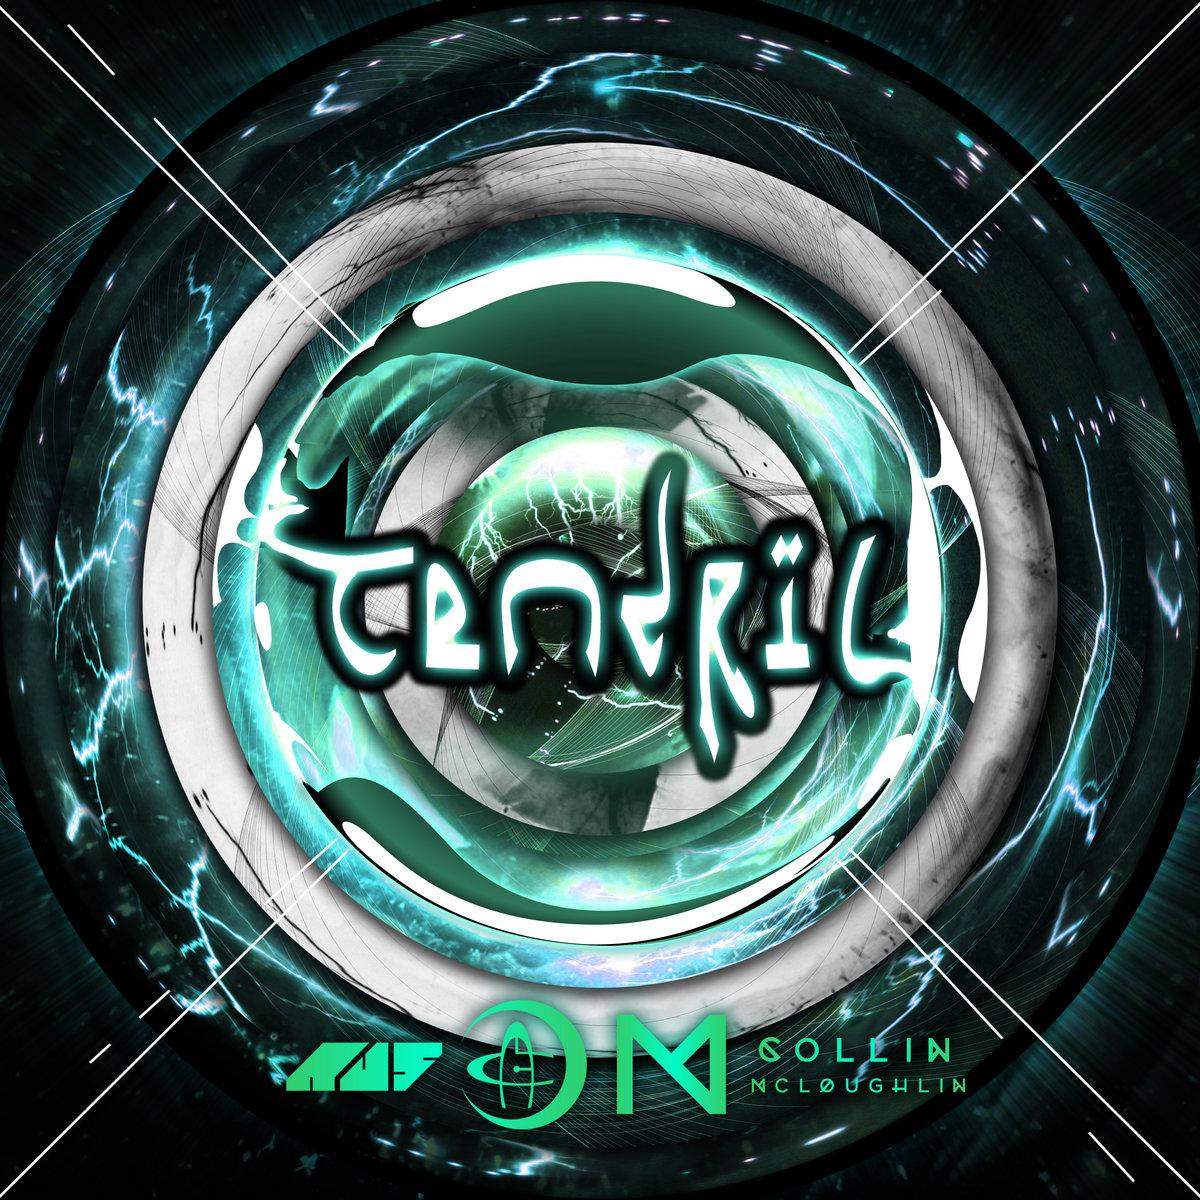 Tendril | Au5